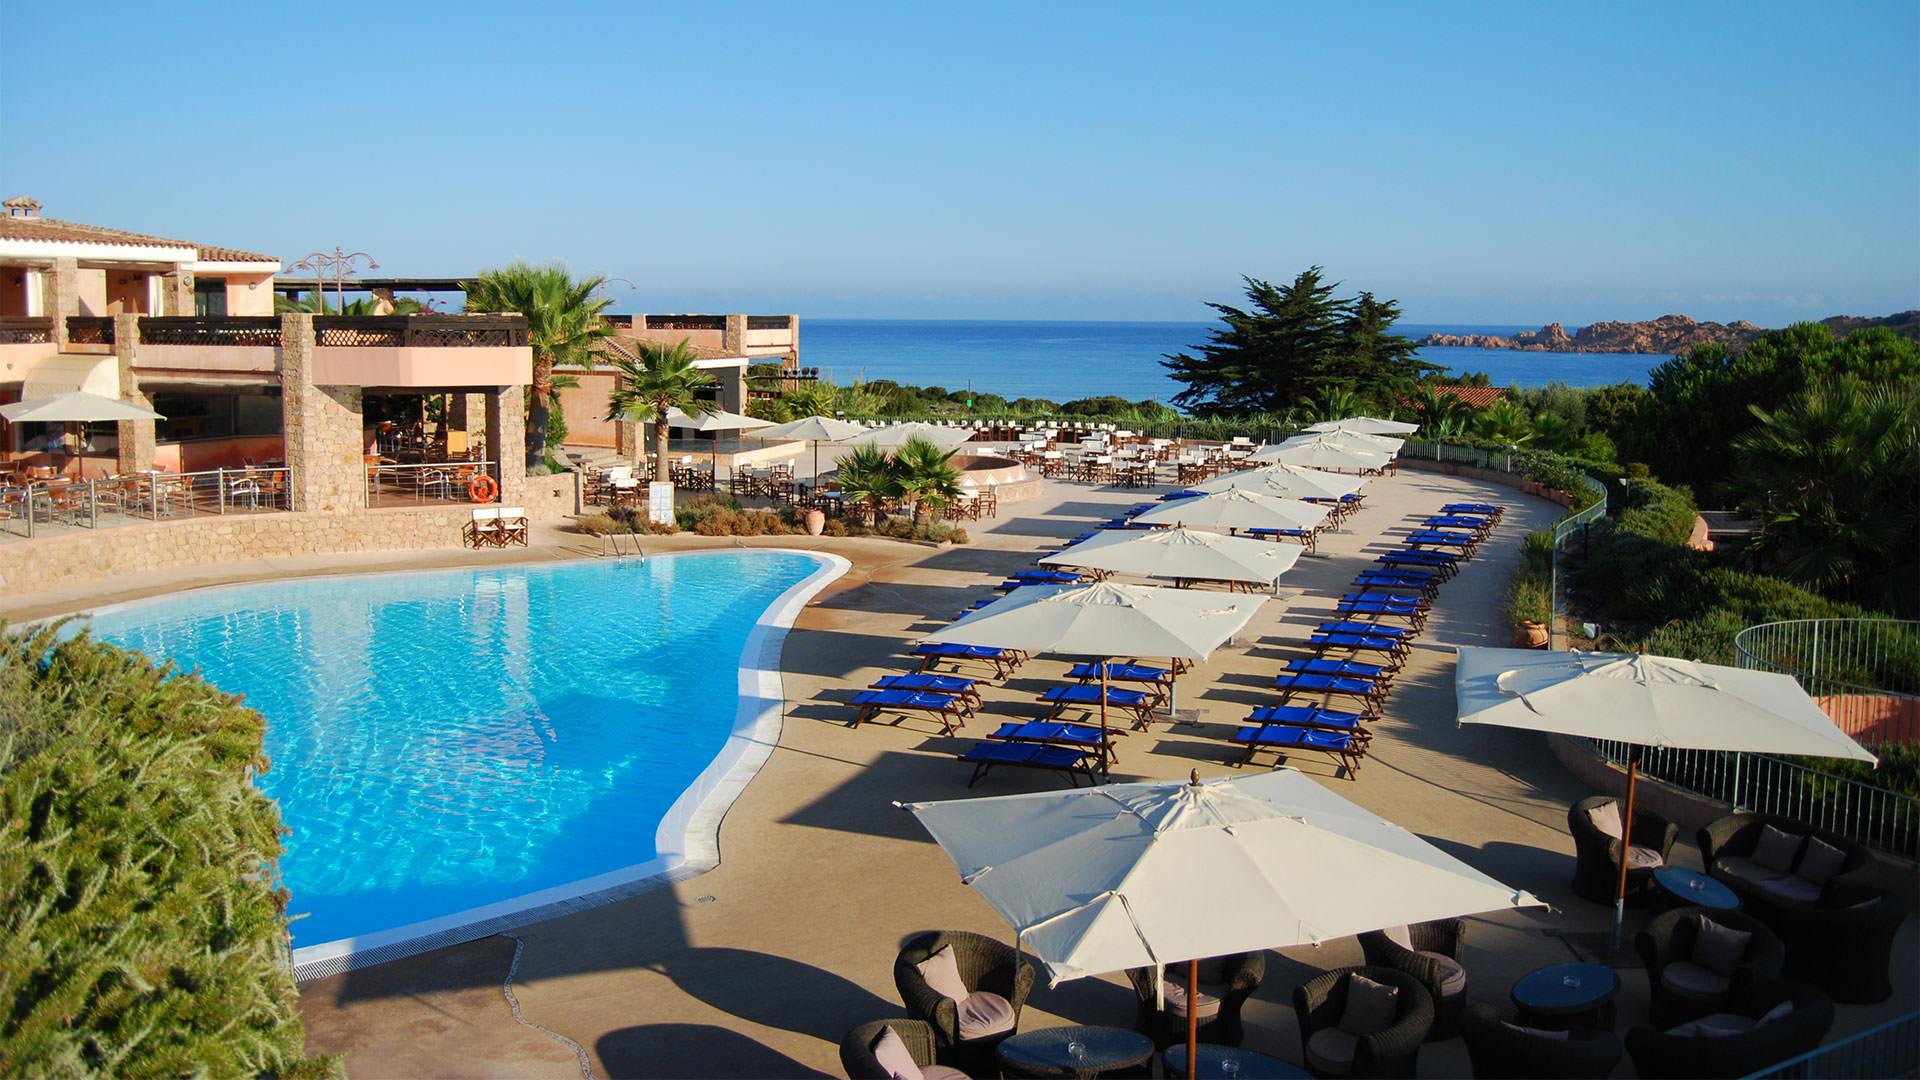 hotel-marinedda-slider-piscina-sardegna-mare-isola-rossa-mini